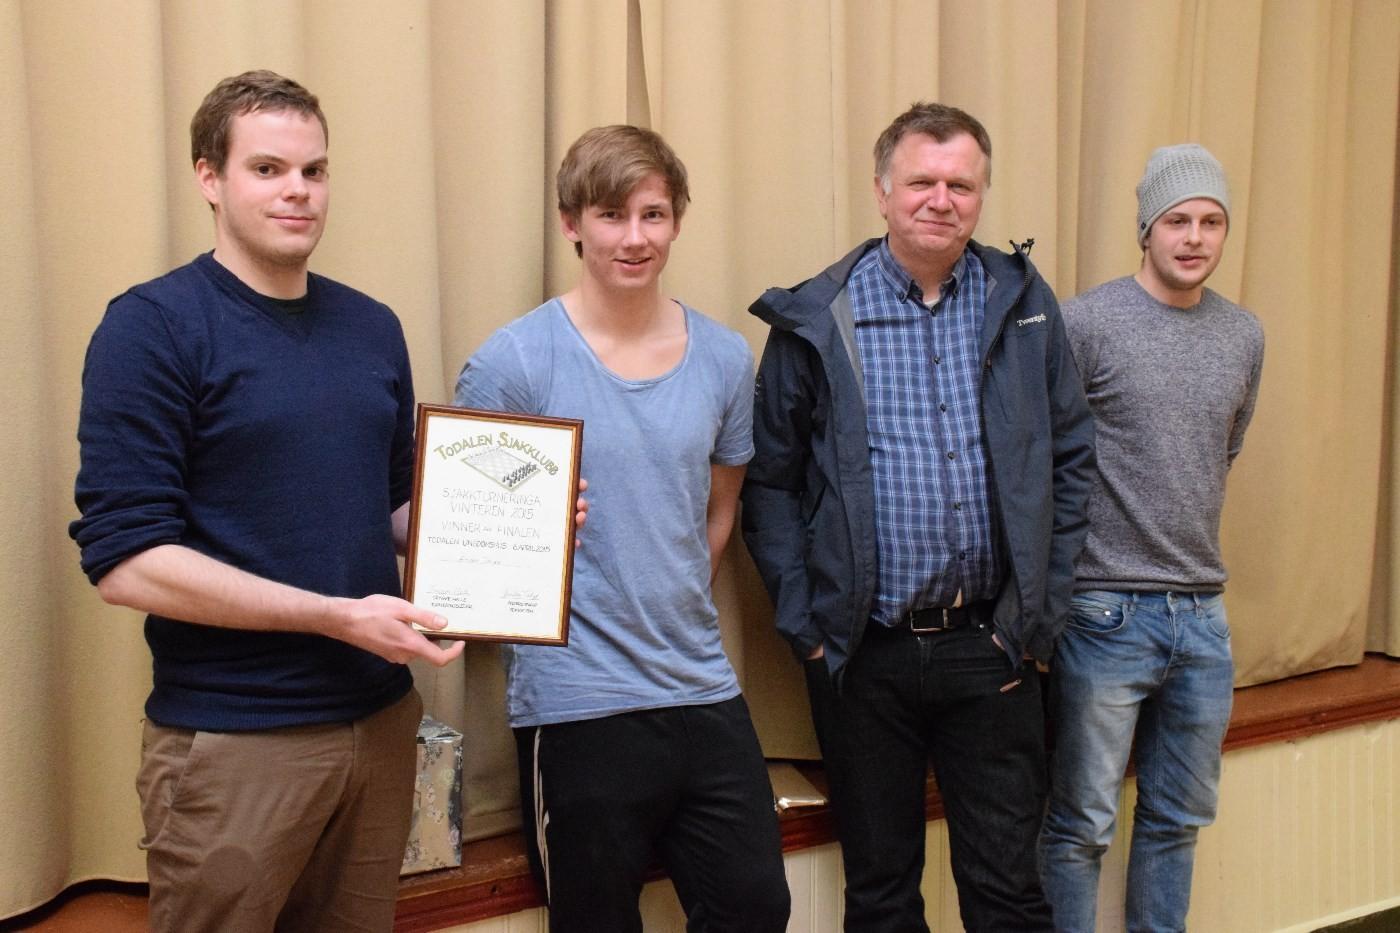 Amund vann sjakkfinalen 2015, Brage på andreplass, Bernt Venås på tredje og Kristoffer vart nr 4.  Foto: Driva/Jon Olav Ørsal